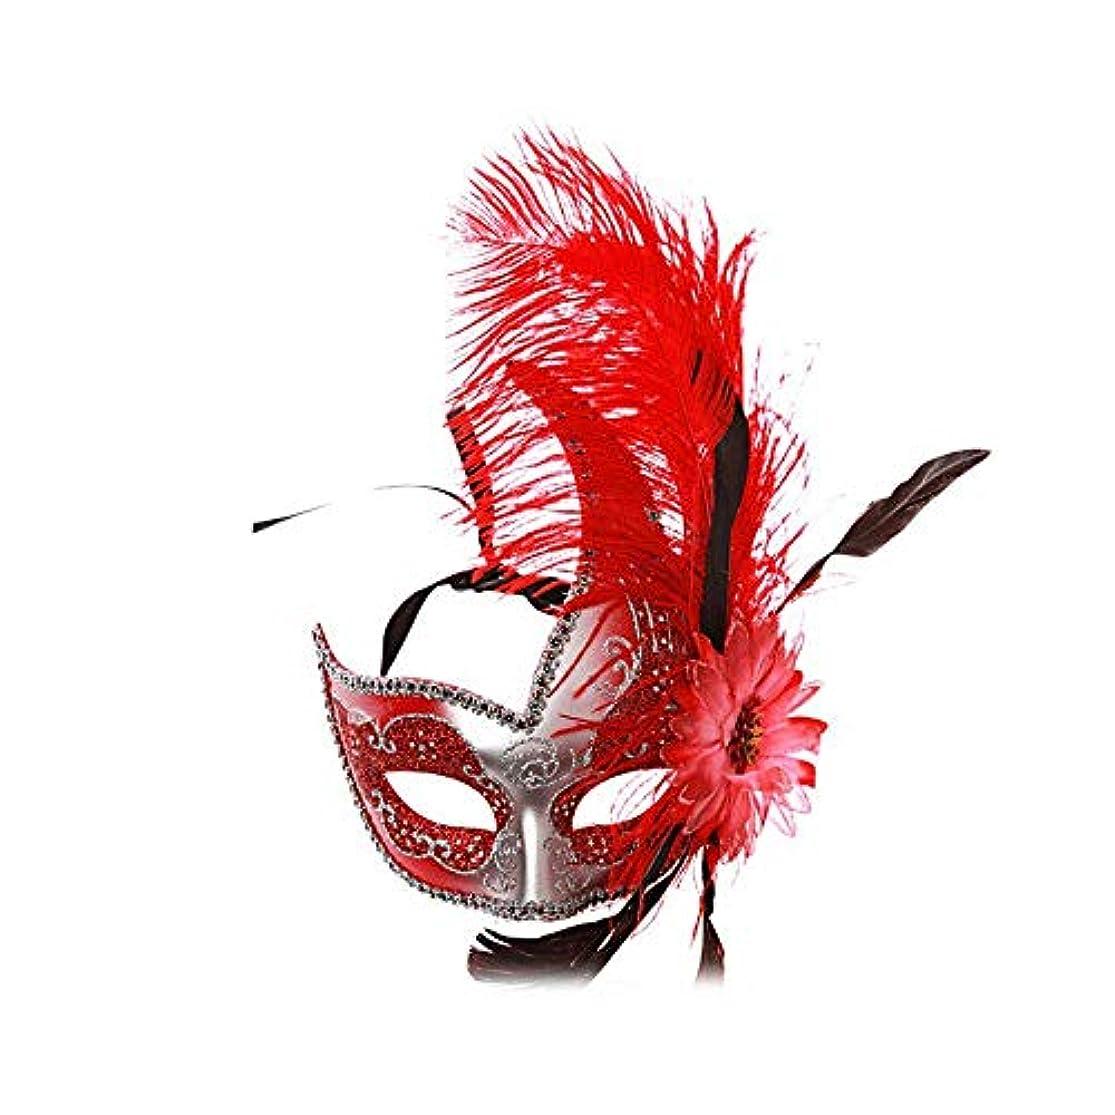 ホスト横たわるカートリッジNanle ハロウィンマスクハーフフェザーマスクベニスプリンセスマスク美容レース仮面ライダーコスプレ (色 : Style B red)